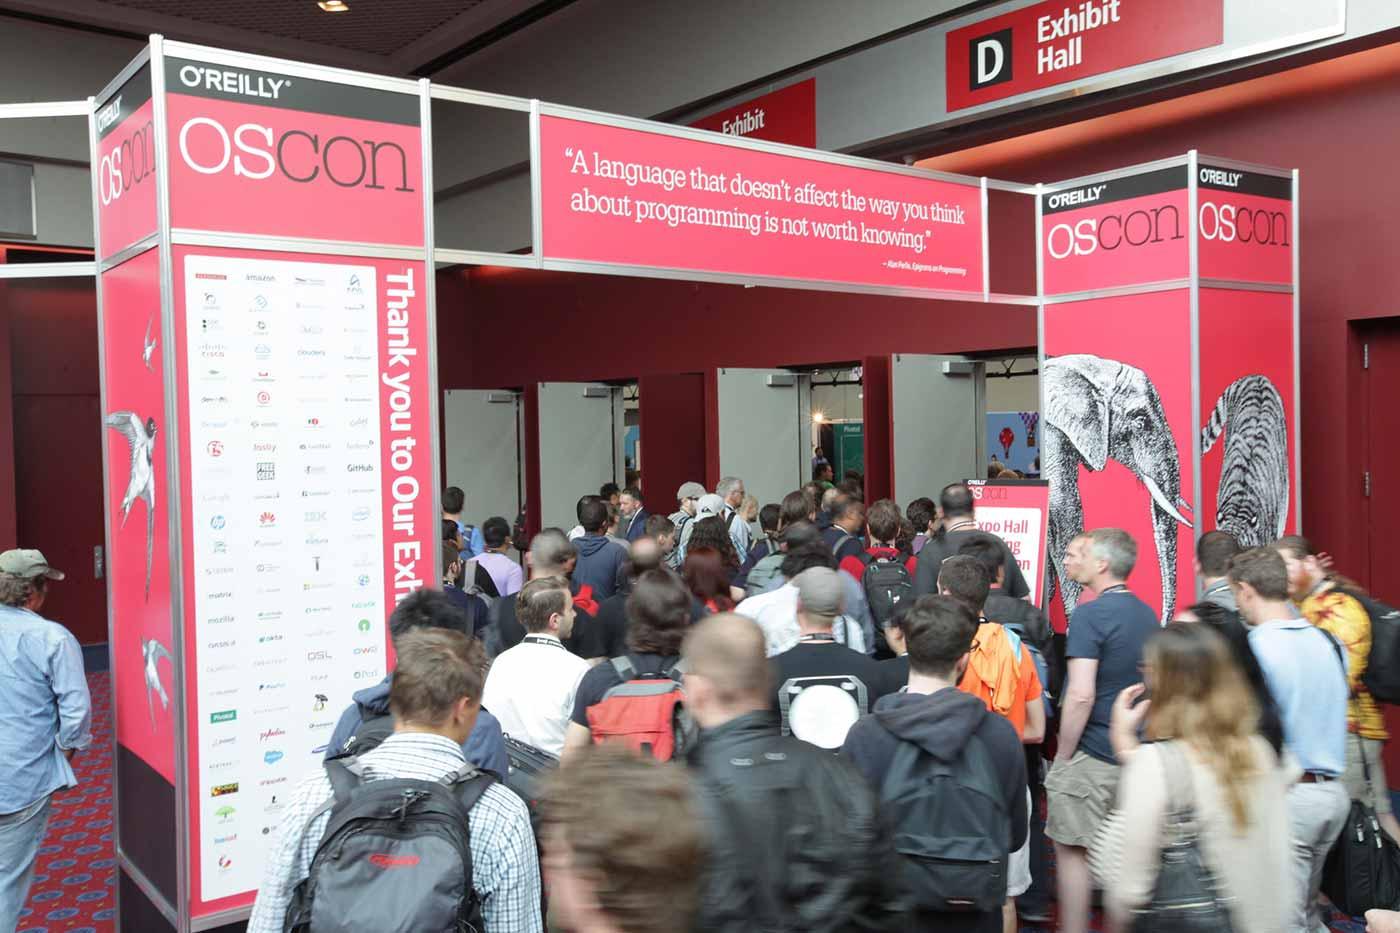 OSCON expo hall entrance